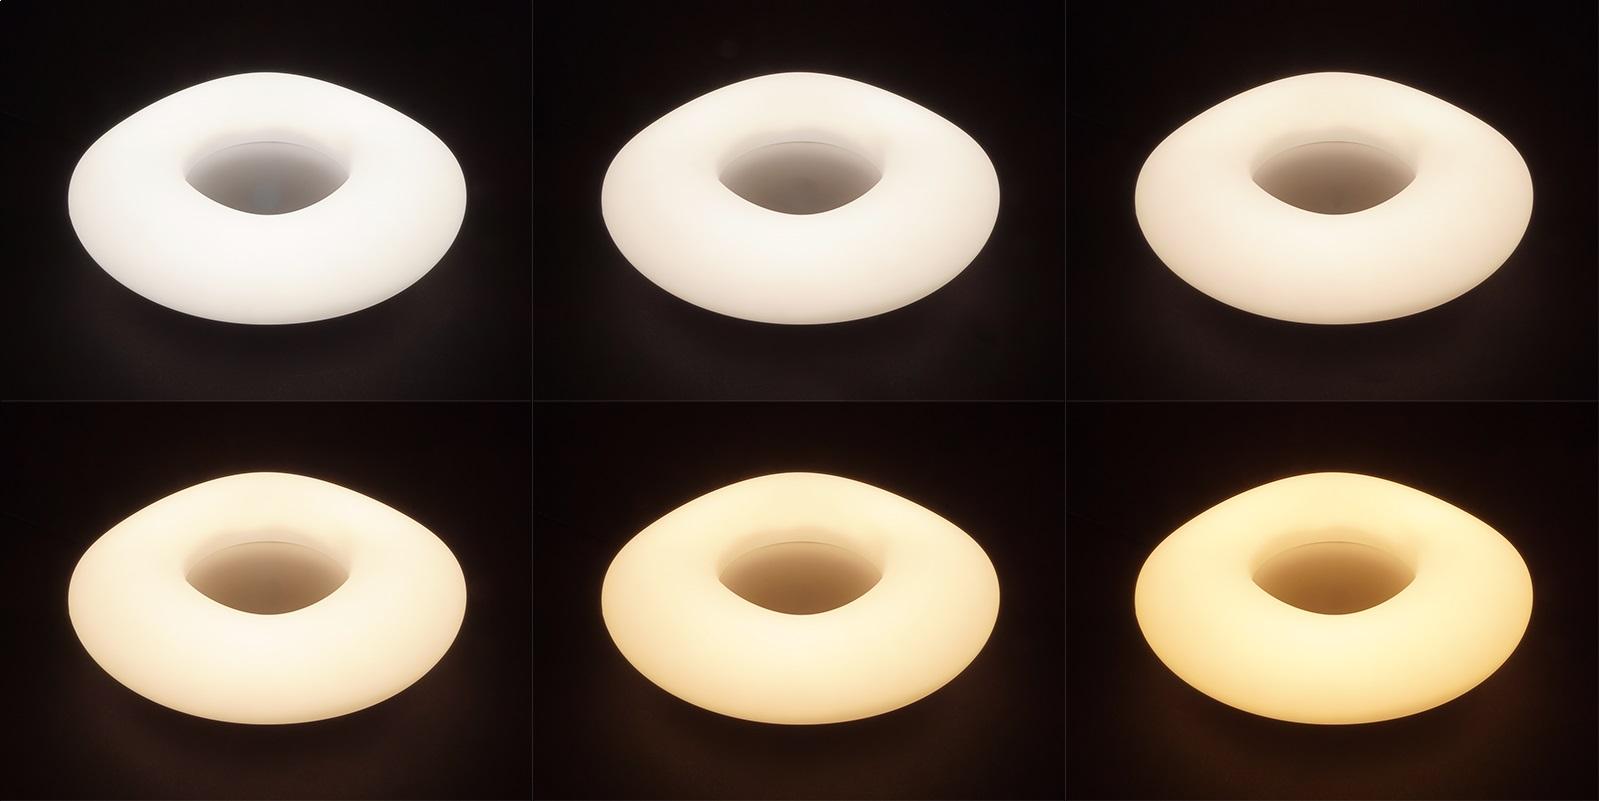 SKU 3966 designer lámpa színhőmérséklet váltóval: 5000K CW, 4000K NW,3000K WW